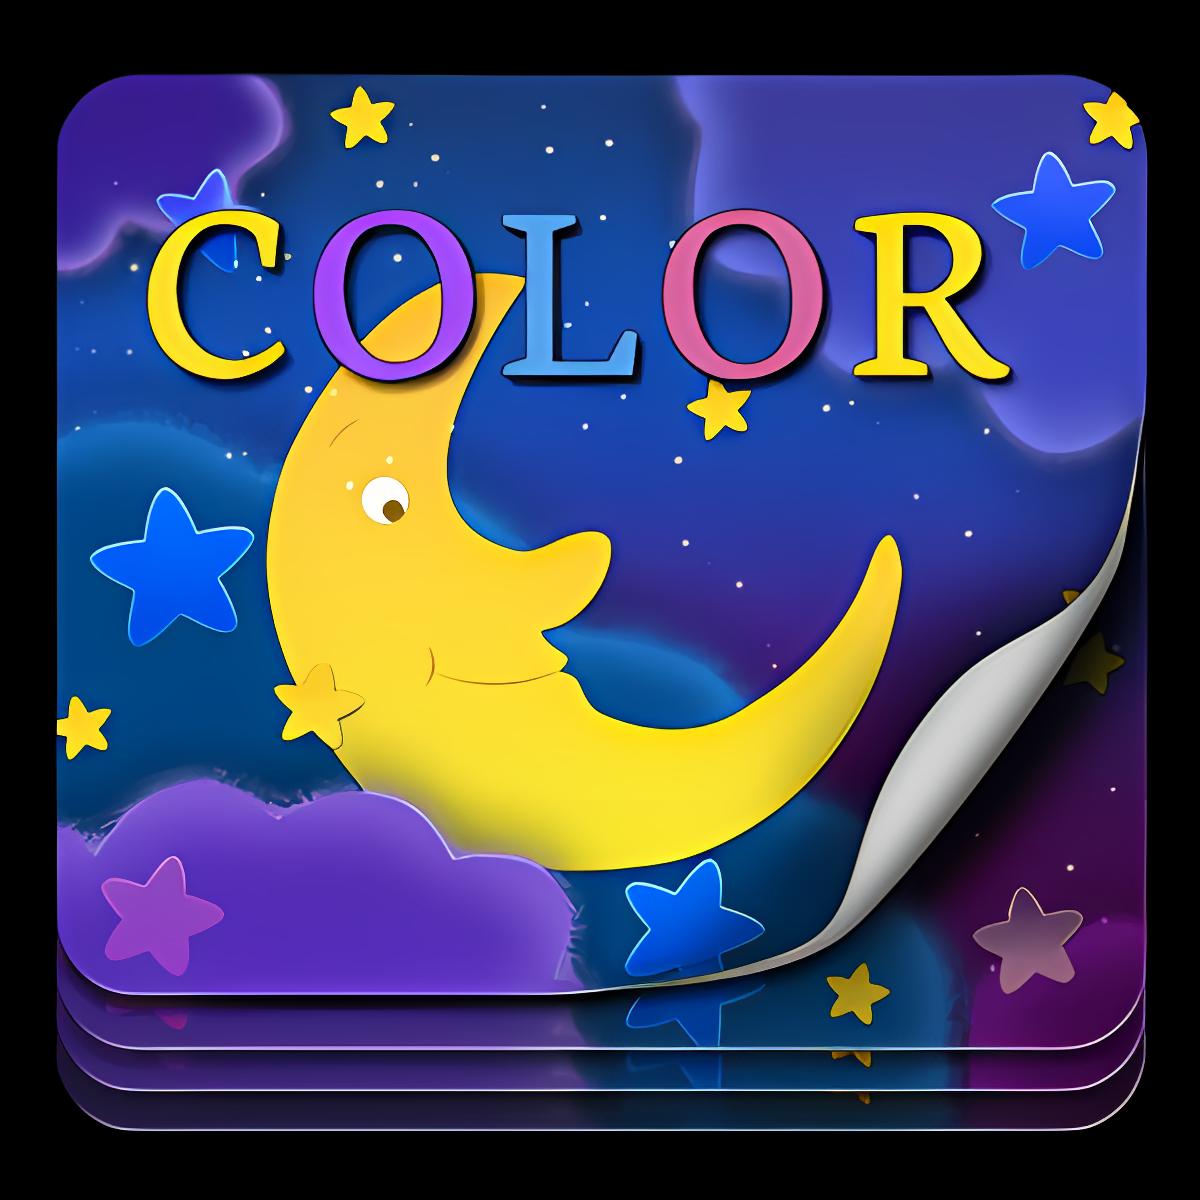 Color de teclado X